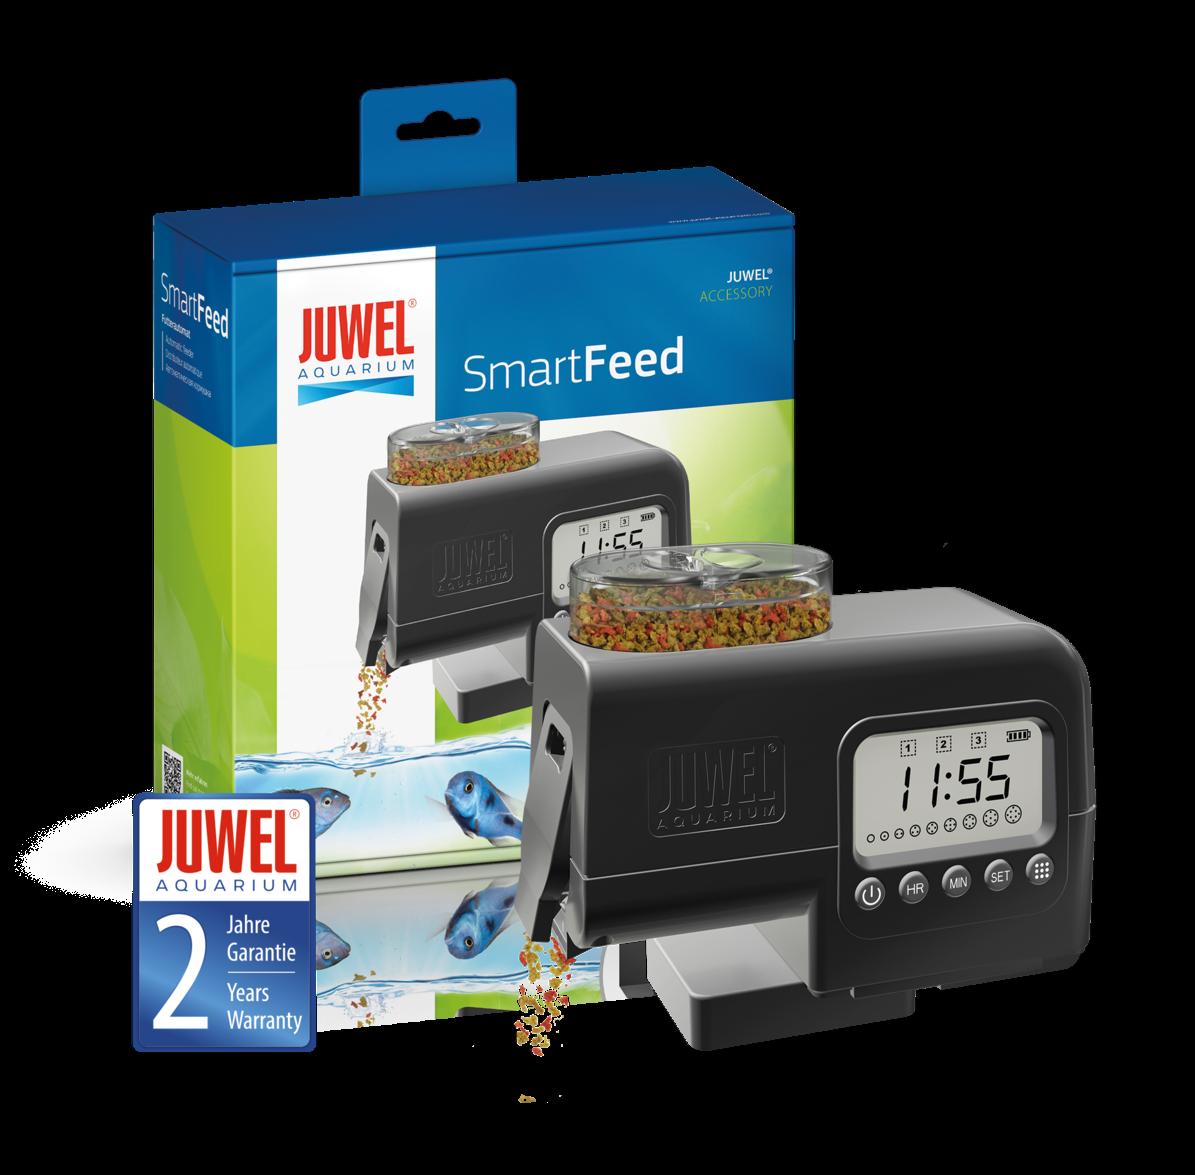 JUWEL Futterautomat für Aquarien SmartFeed Smart Feed # 89010 Premium-Automat